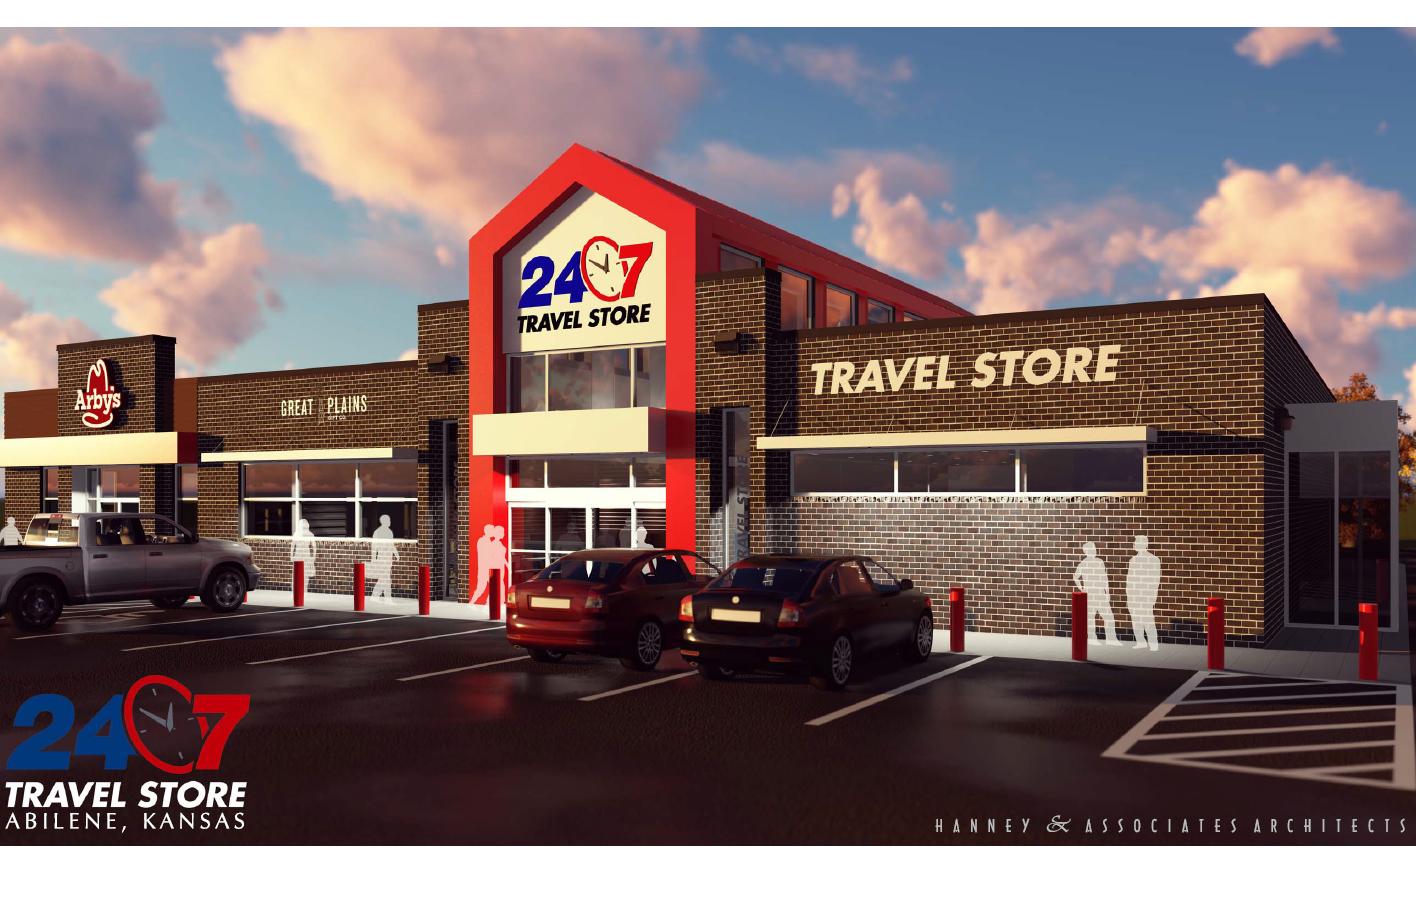 Abilene Travel Store Under Construction